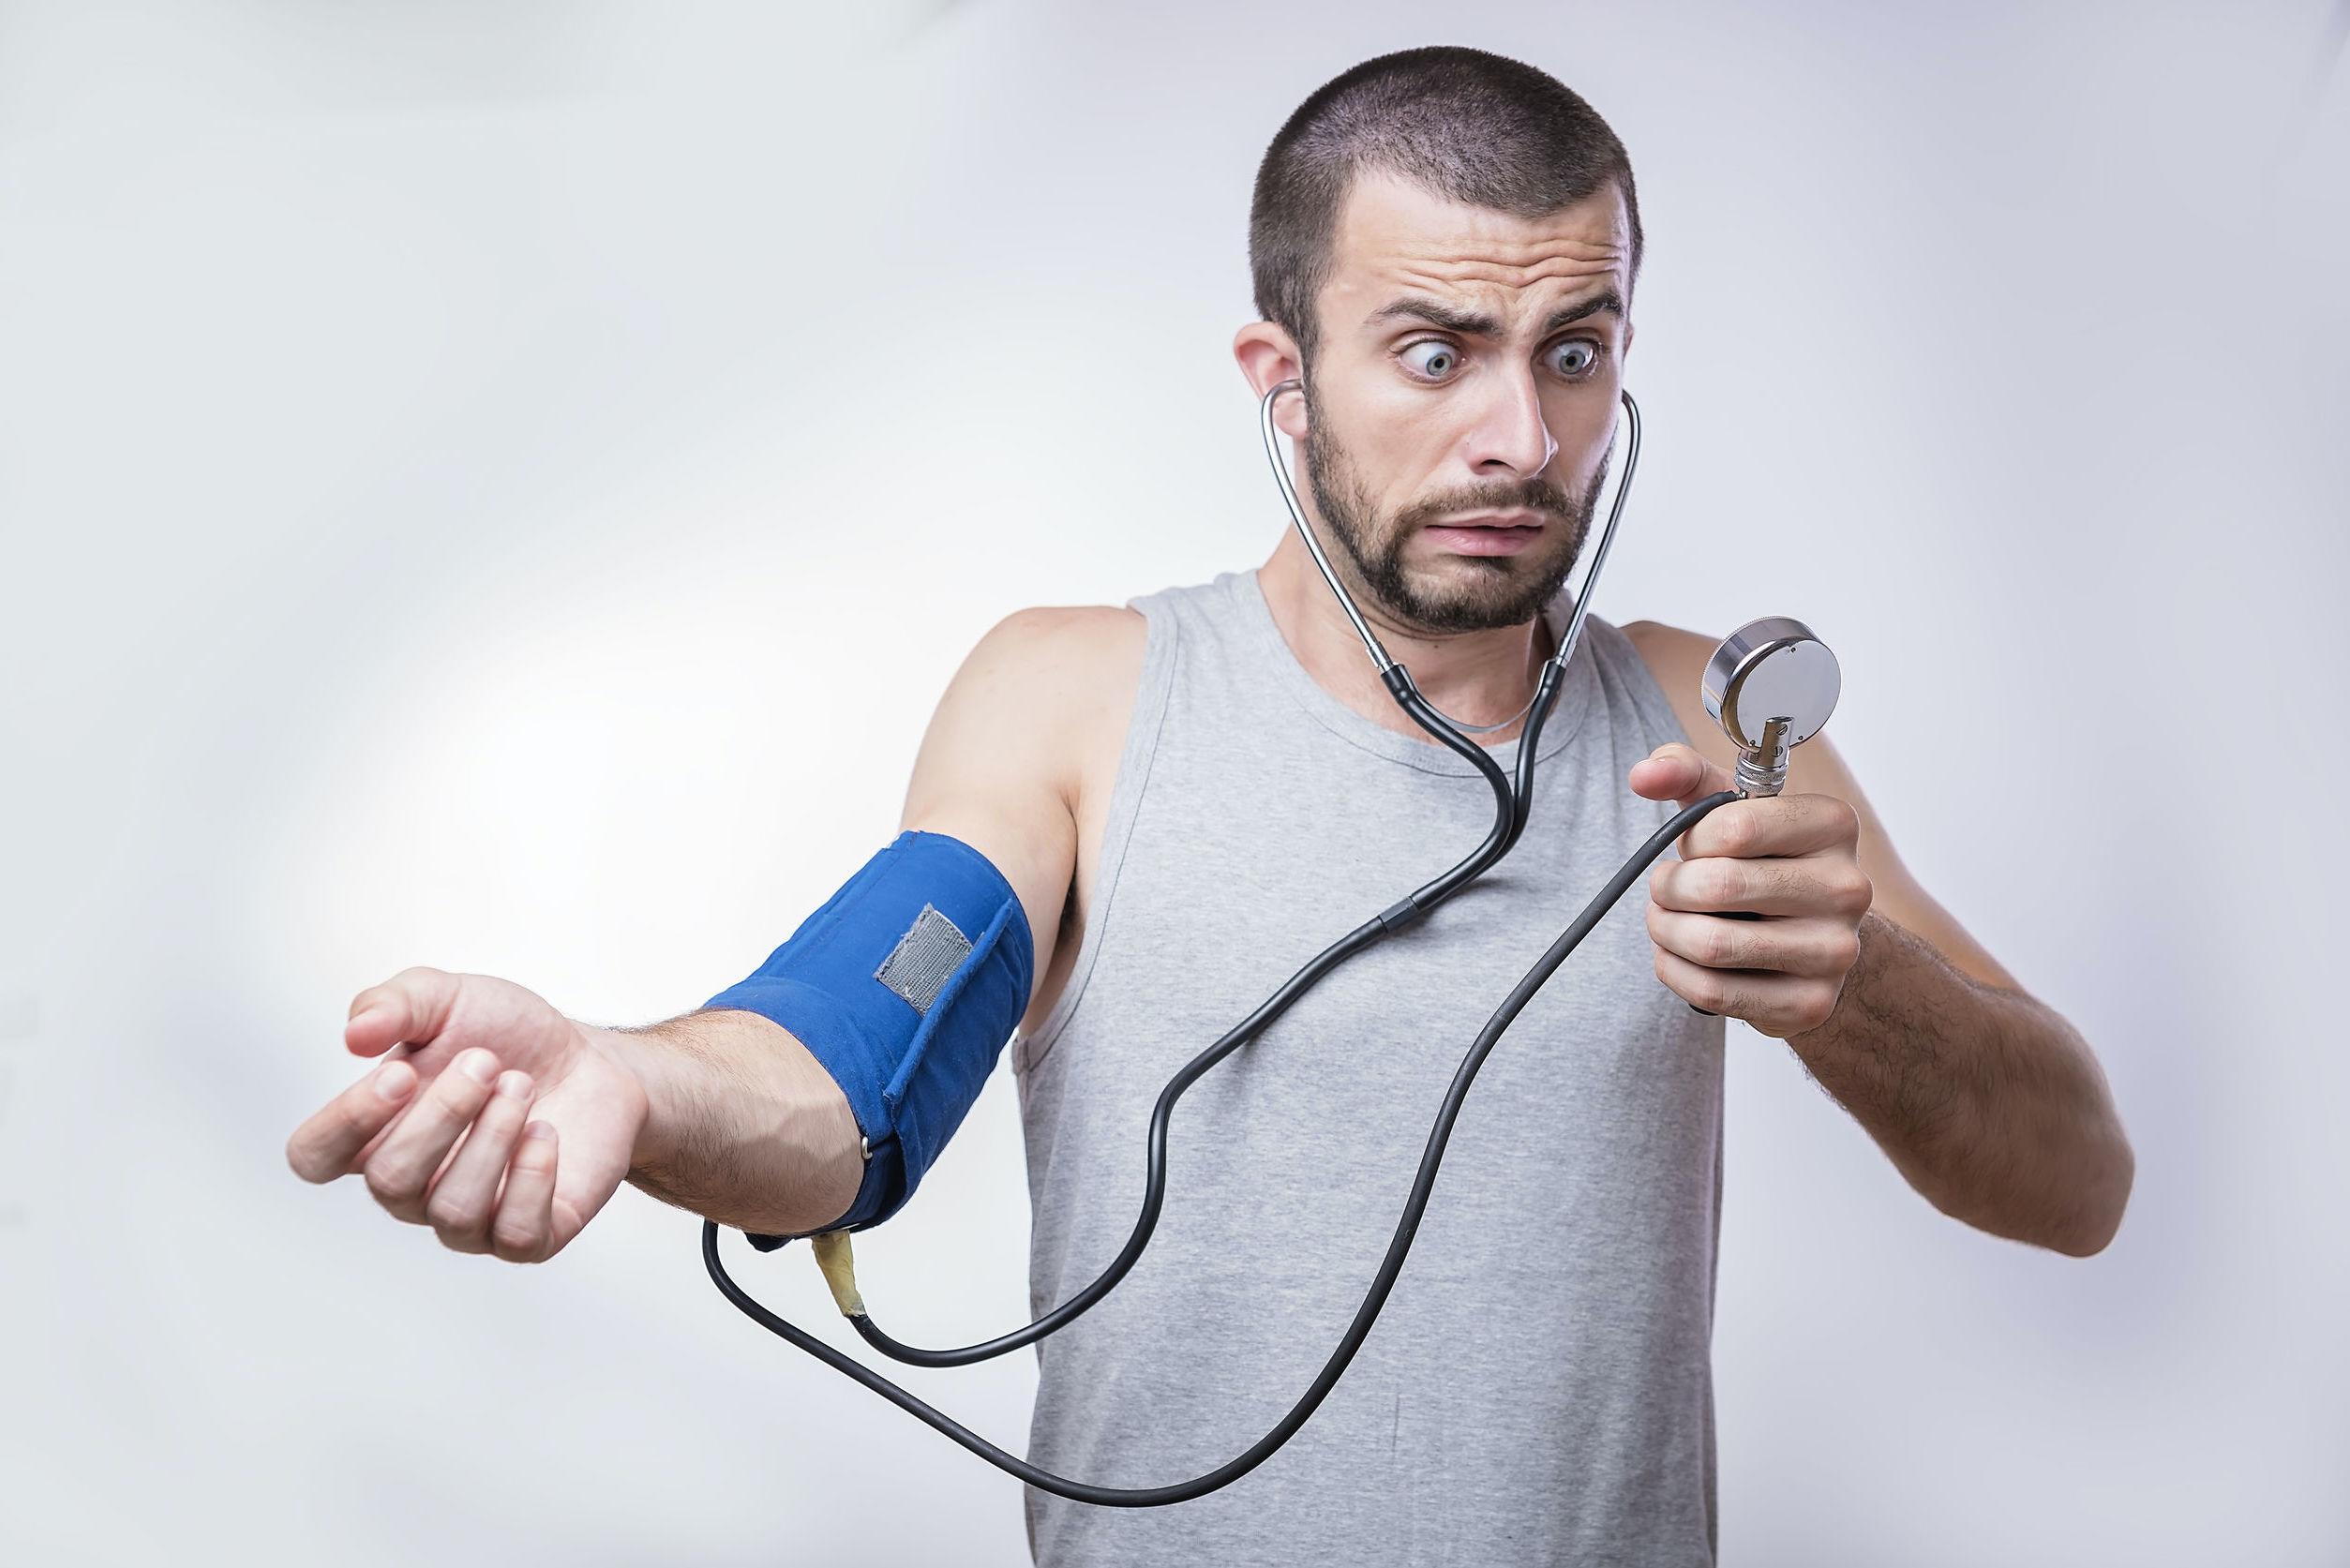 nem alkalmas magas vérnyomás esetén